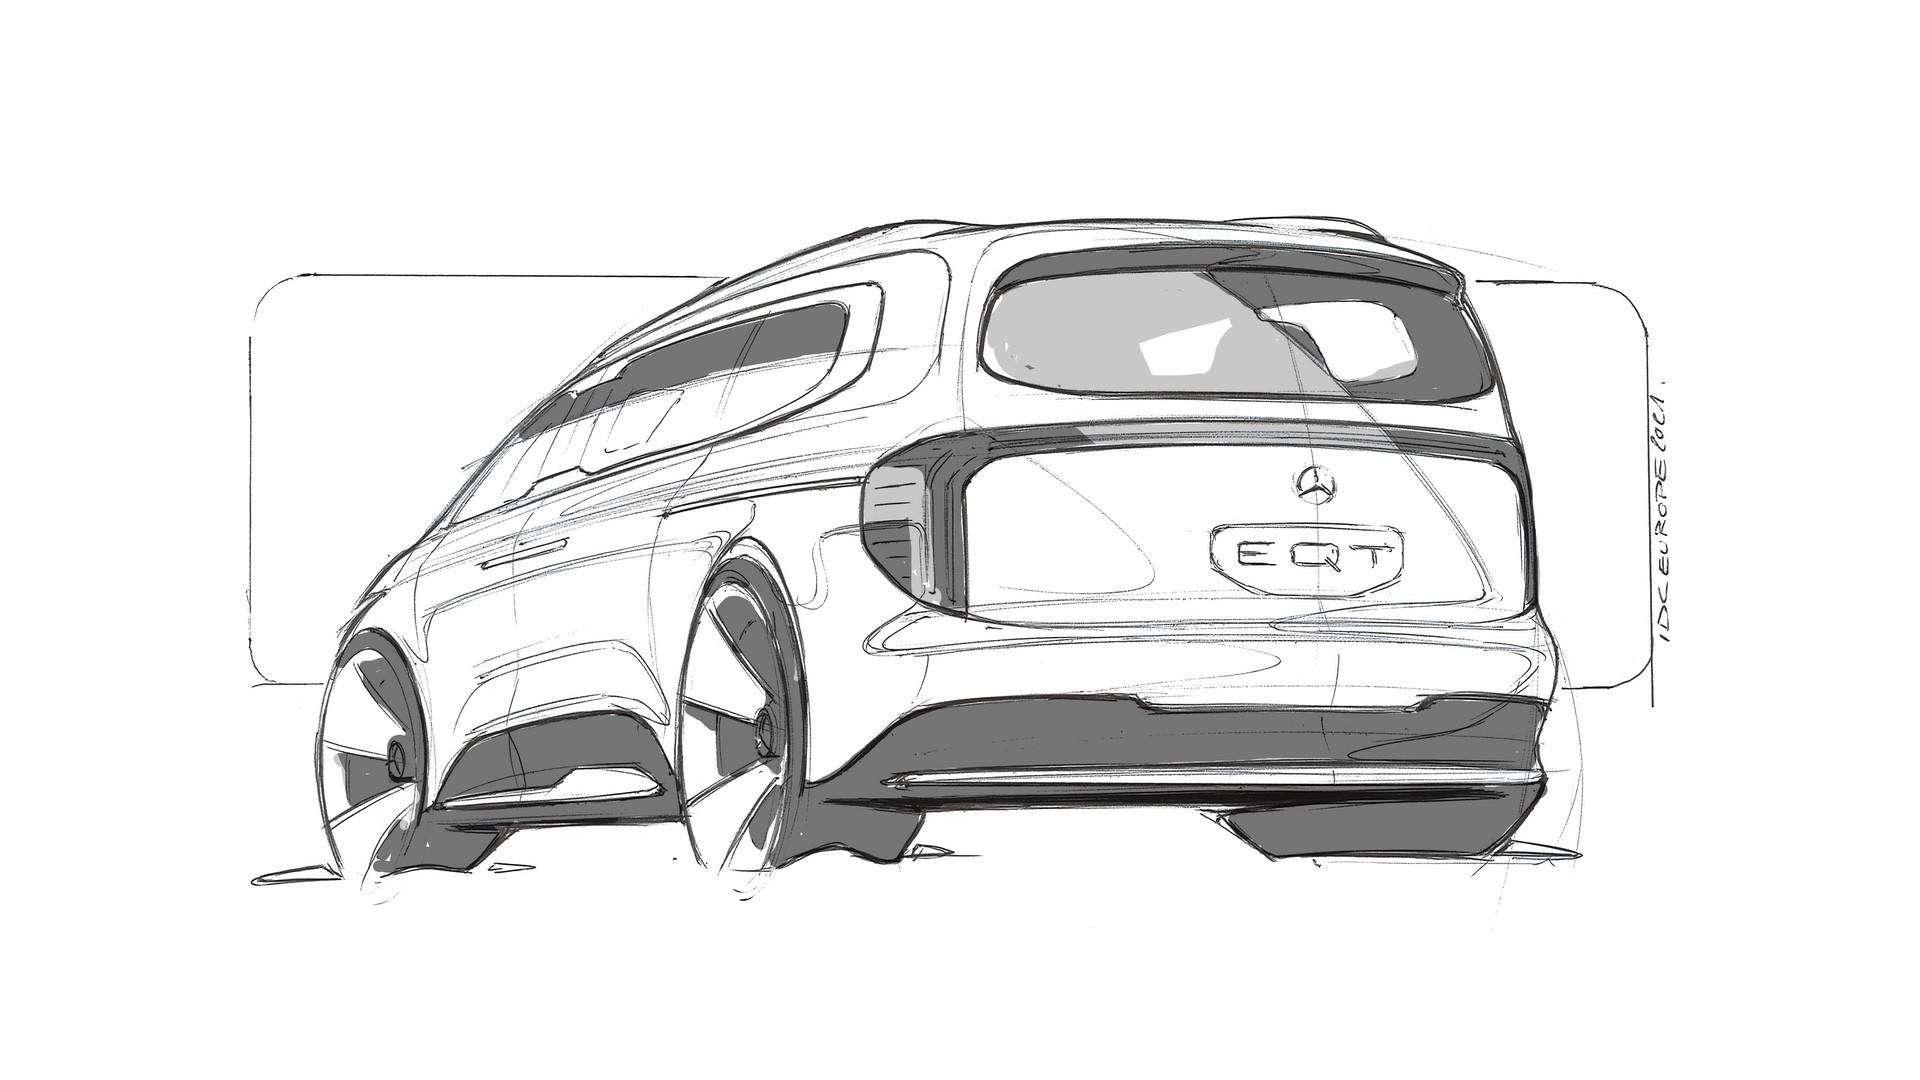 Mercedes-Benz_EQT-Concept-0049